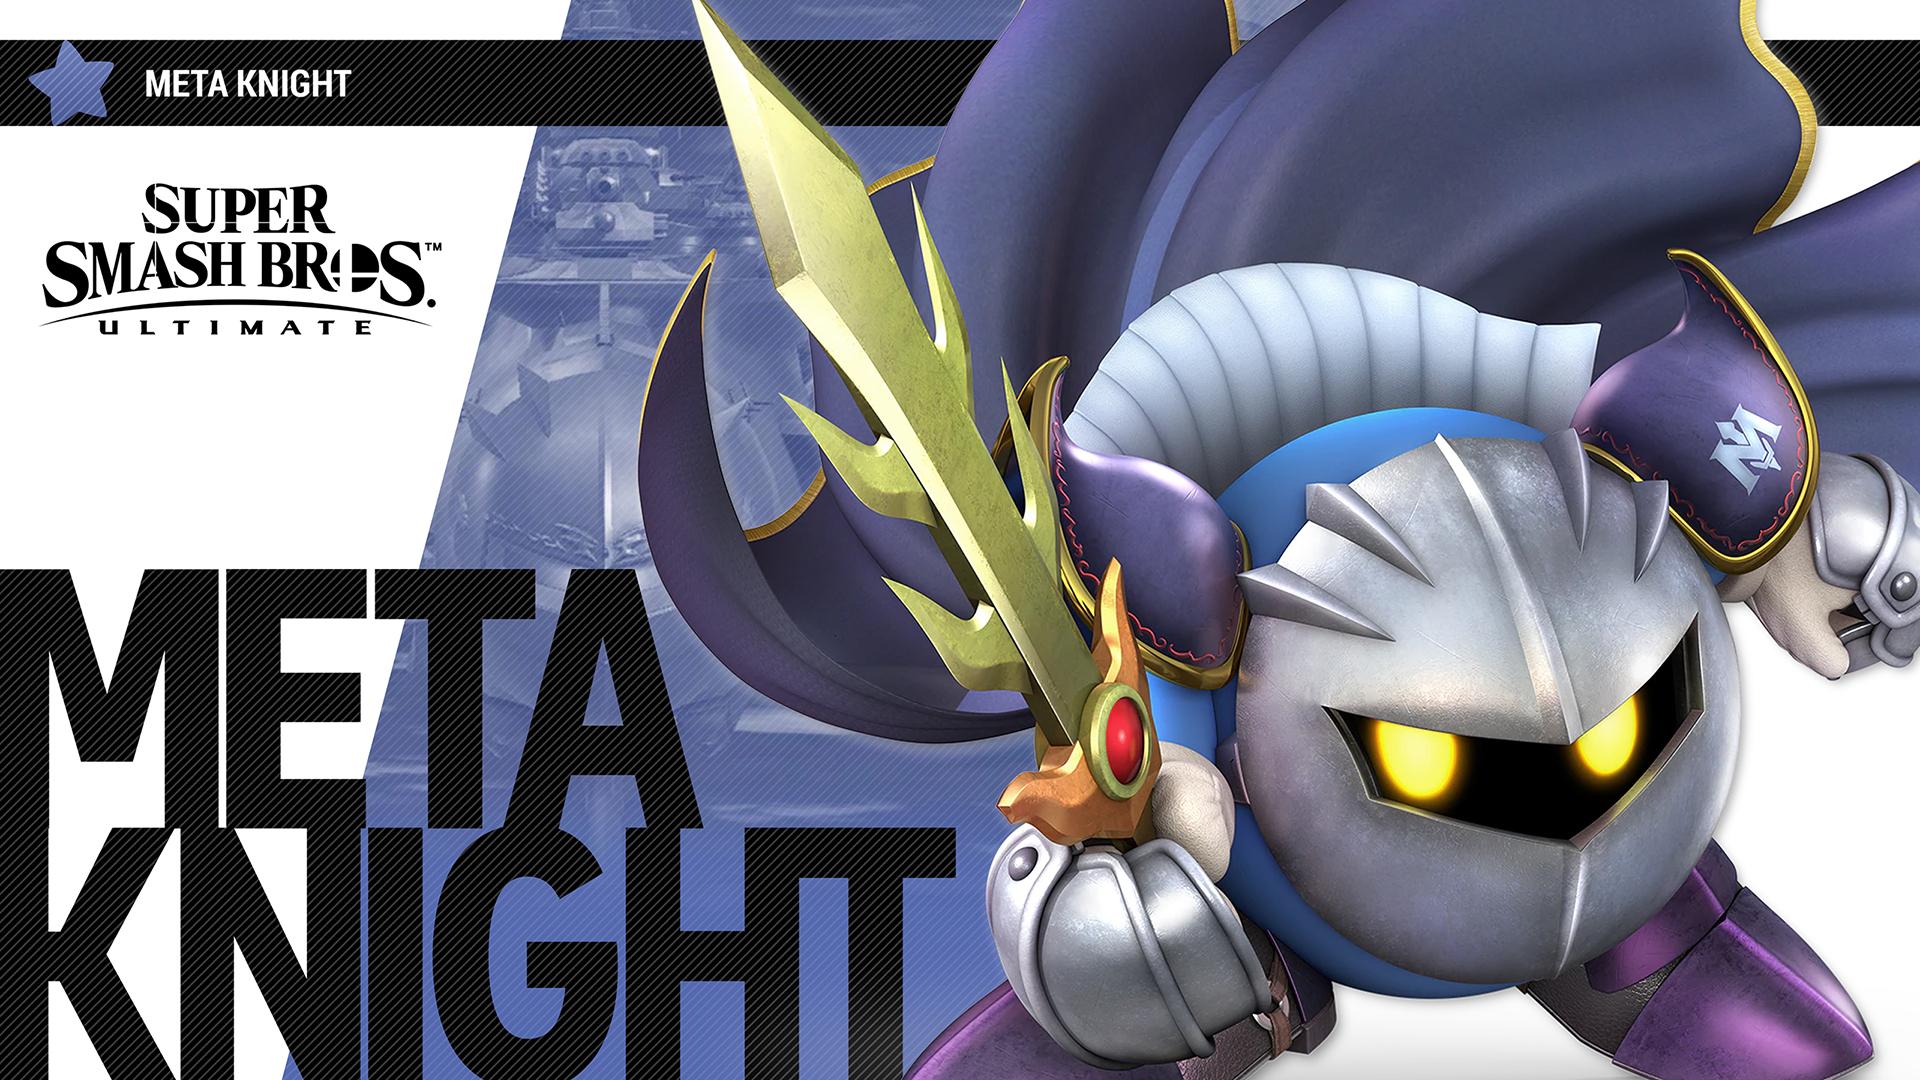 Logic Wallpaper Iphone 6 Super Smash Bros Ultimate Meta Knight Wallpapers Cat